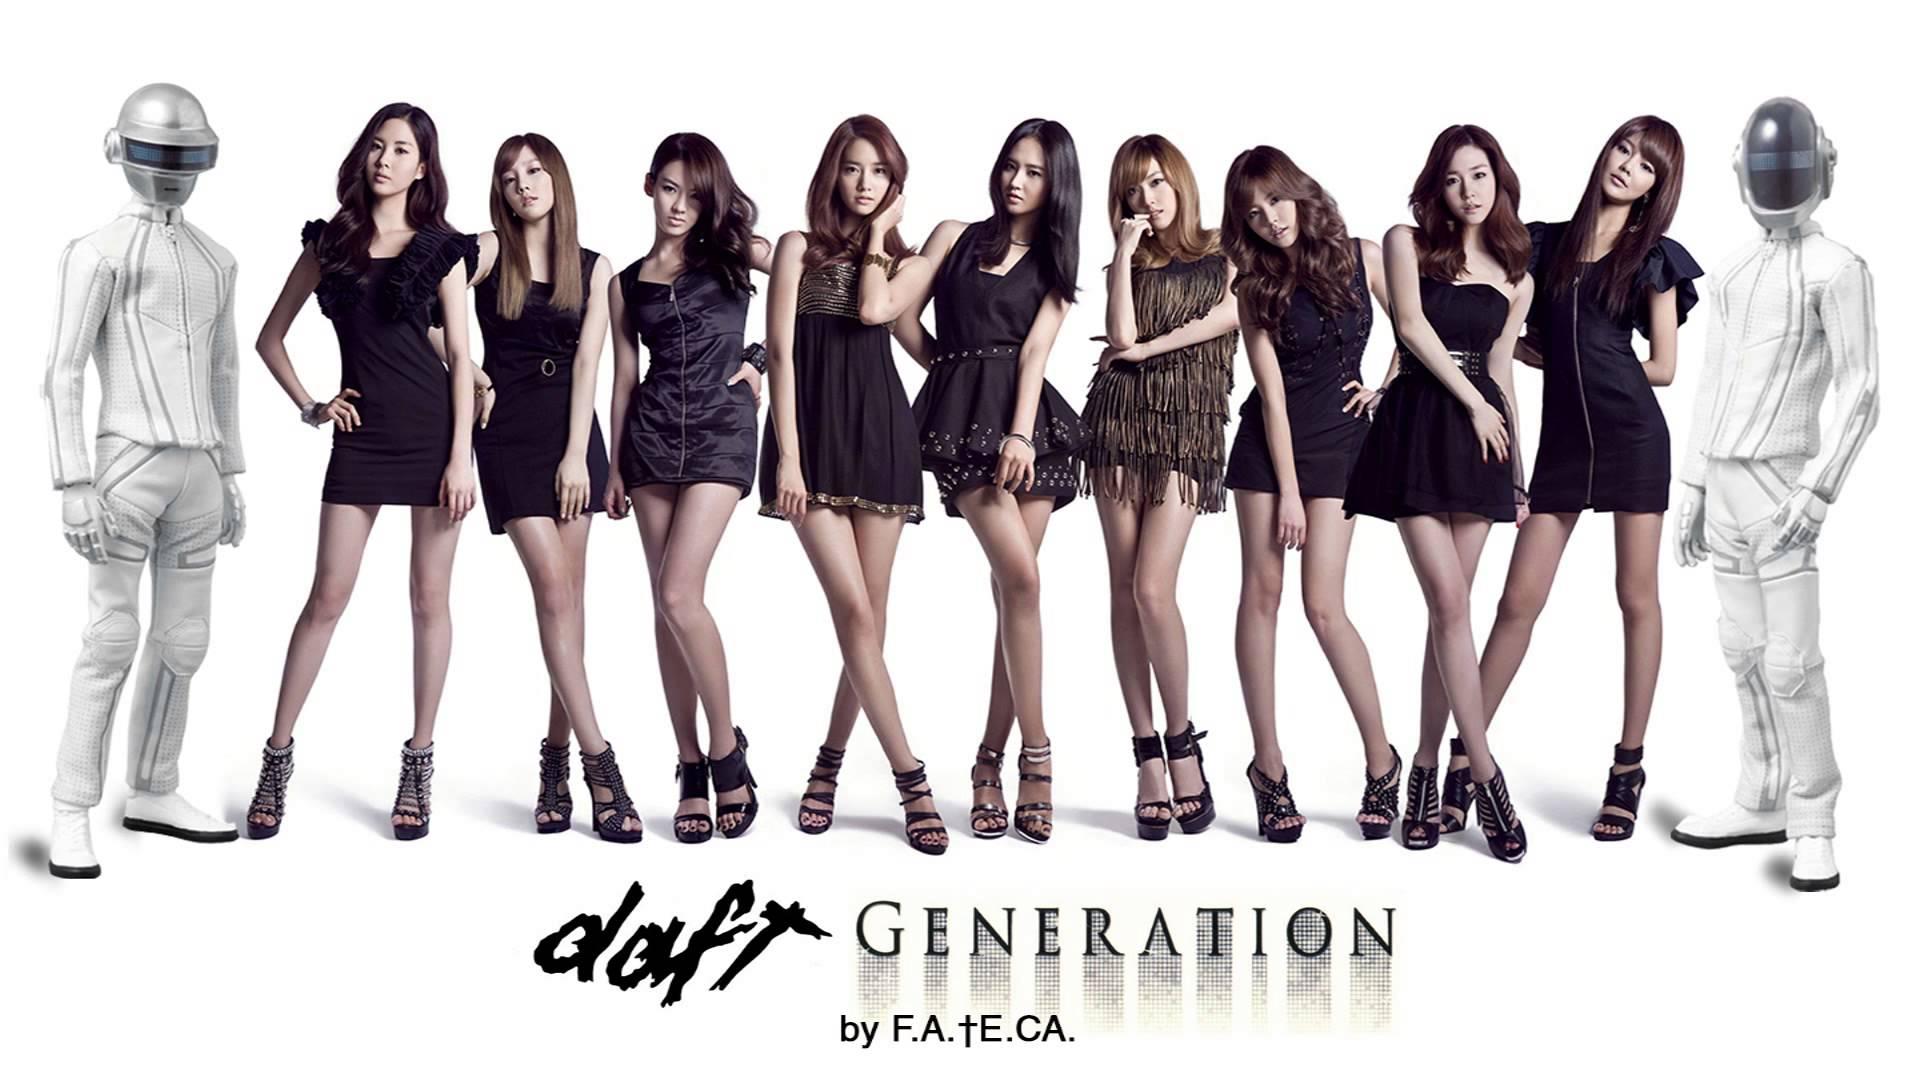 Korean Girl Wallpapers Hd Daft Punk Karlie Kloss Dubstep Dub Girls Generation Kpop K